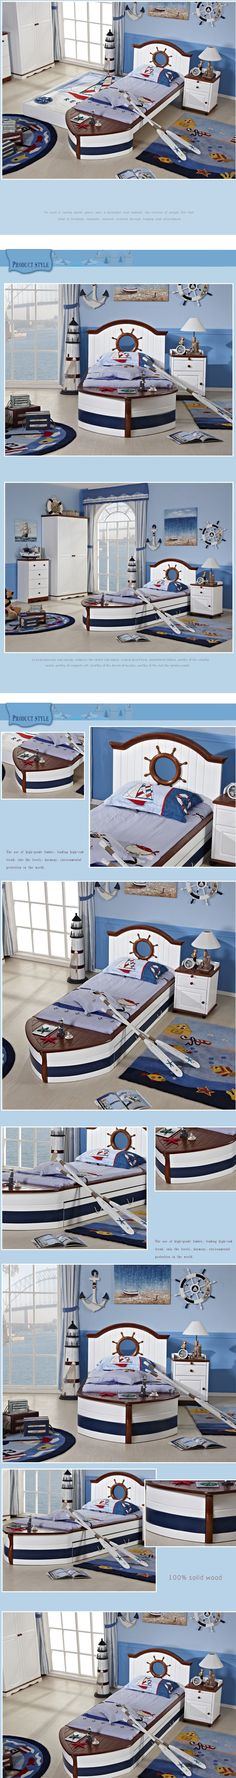 Детская кровать в форме лодке в морском стиле белого цвета купить в интернет-магазине https://lafred.ru/catalog/catalog/detail/43306291624/